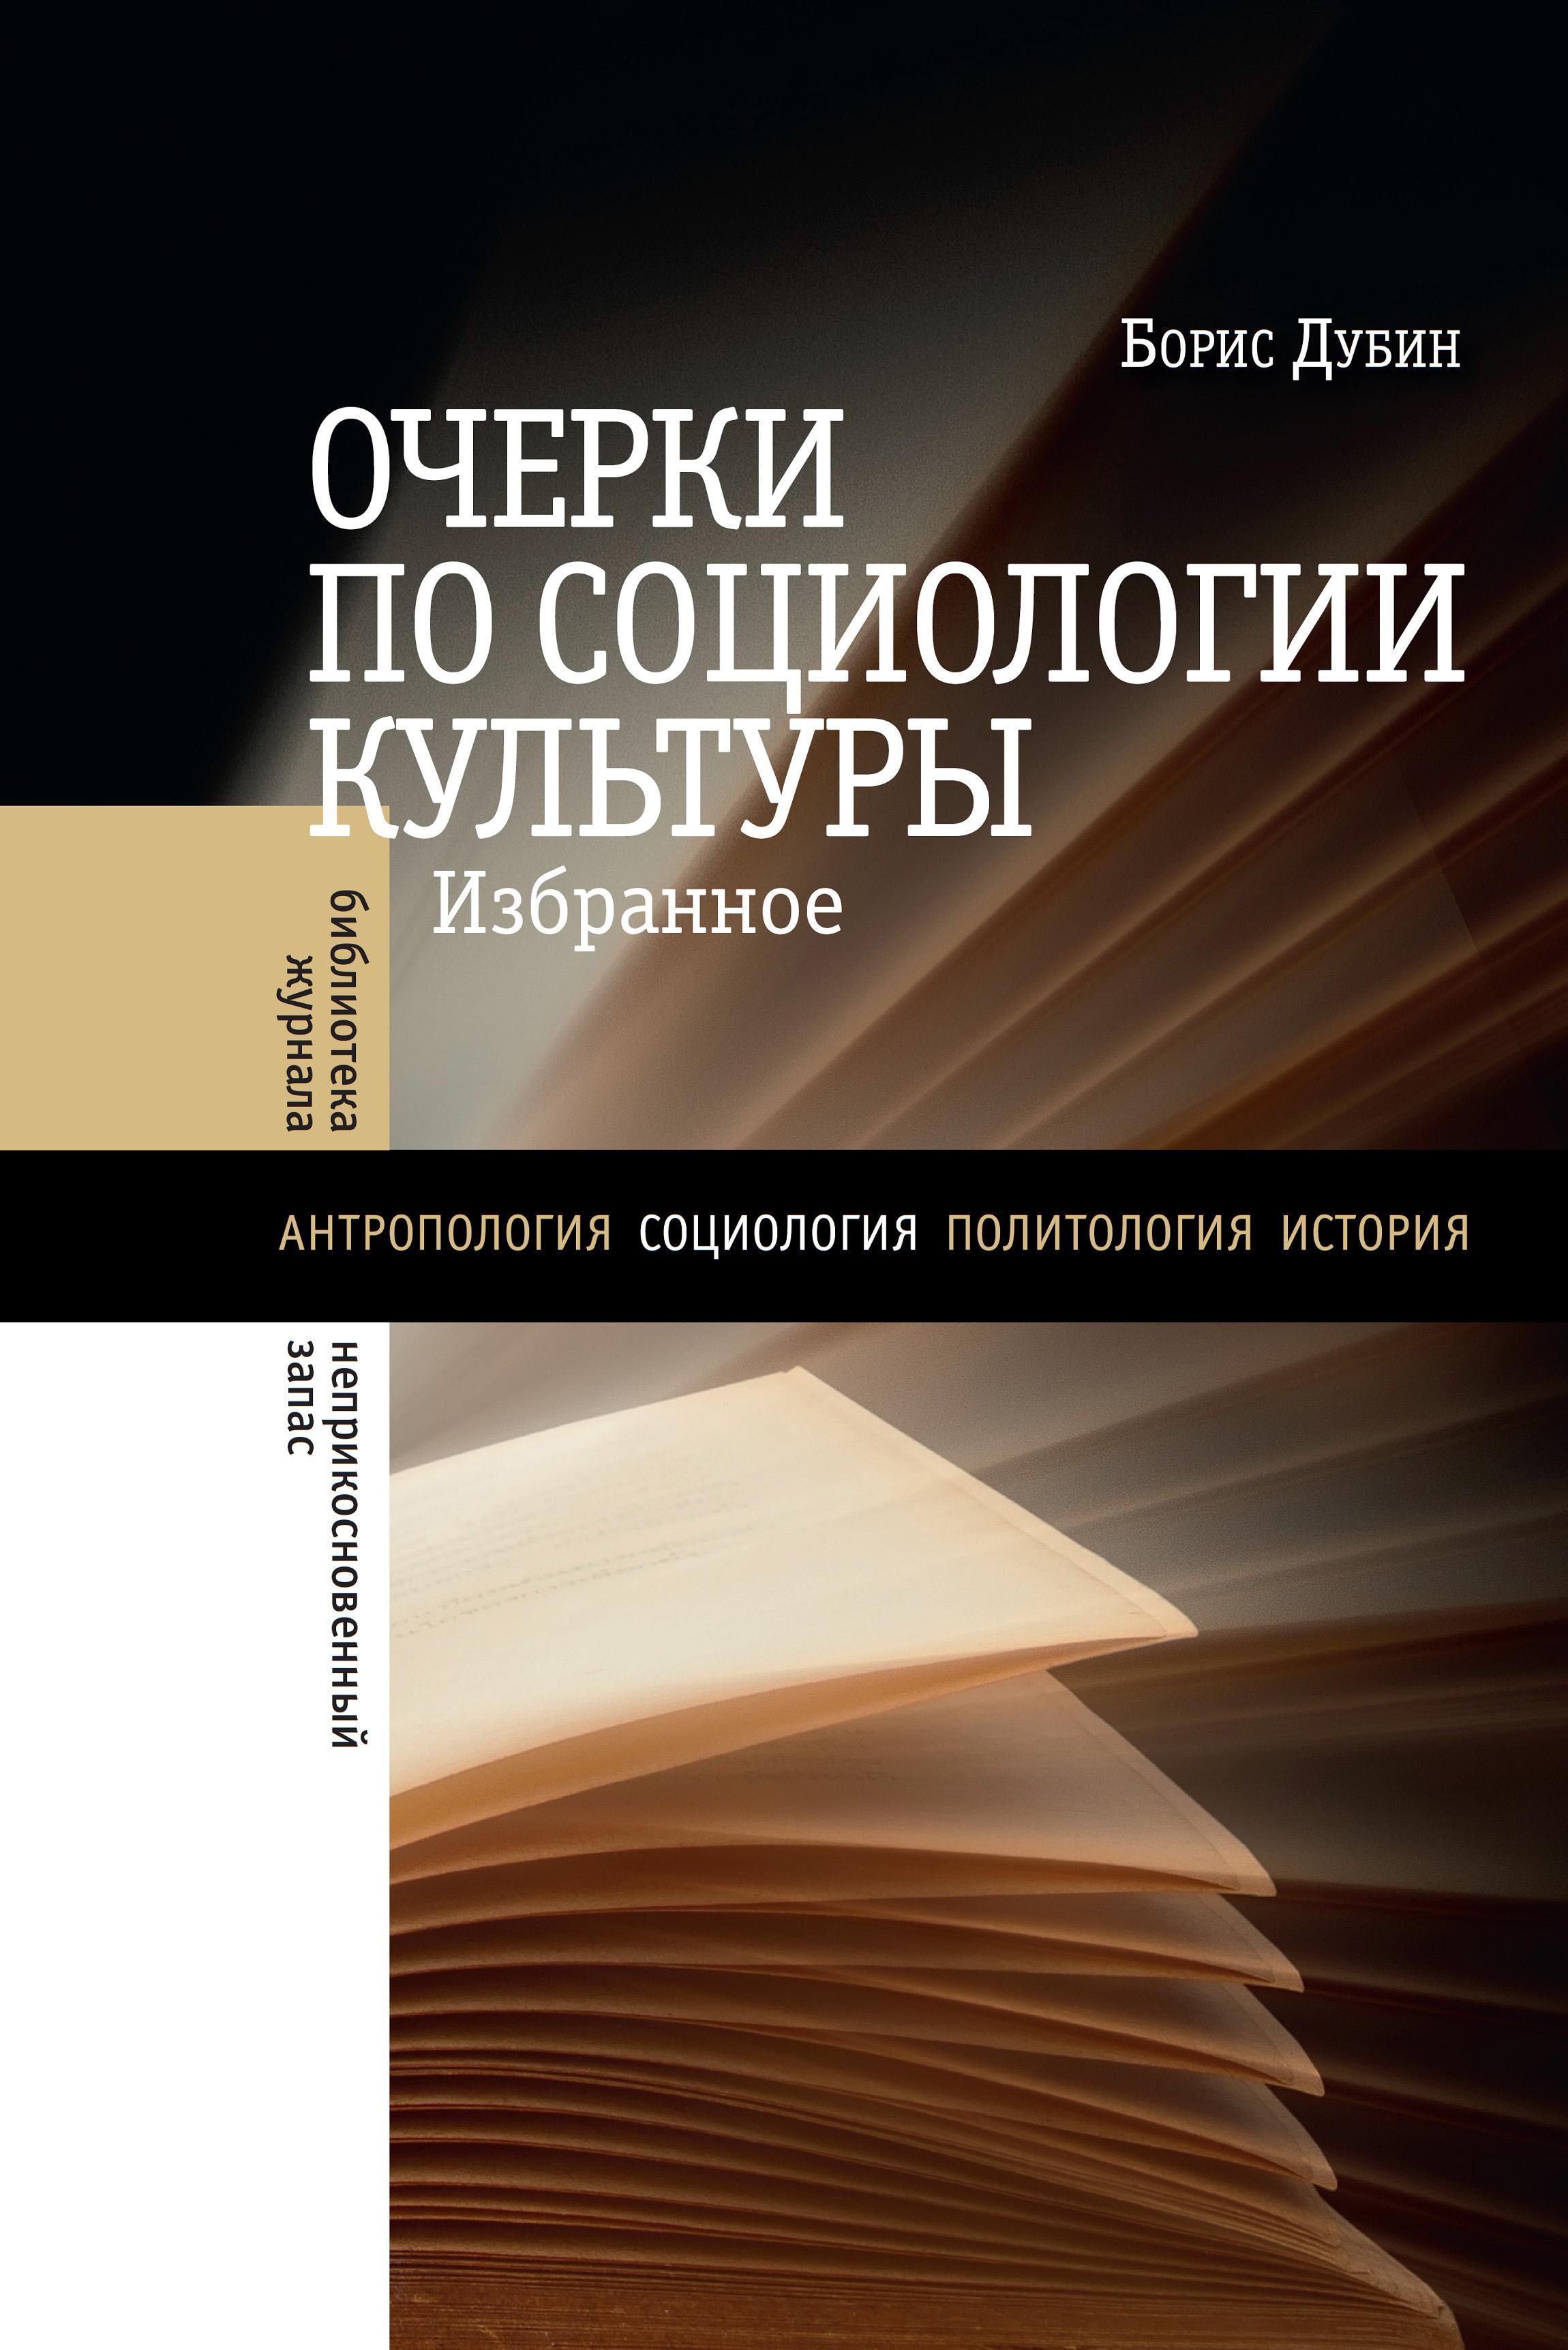 Борис Дубин Очерки по социологии культуры научная литература как источник специальных знаний